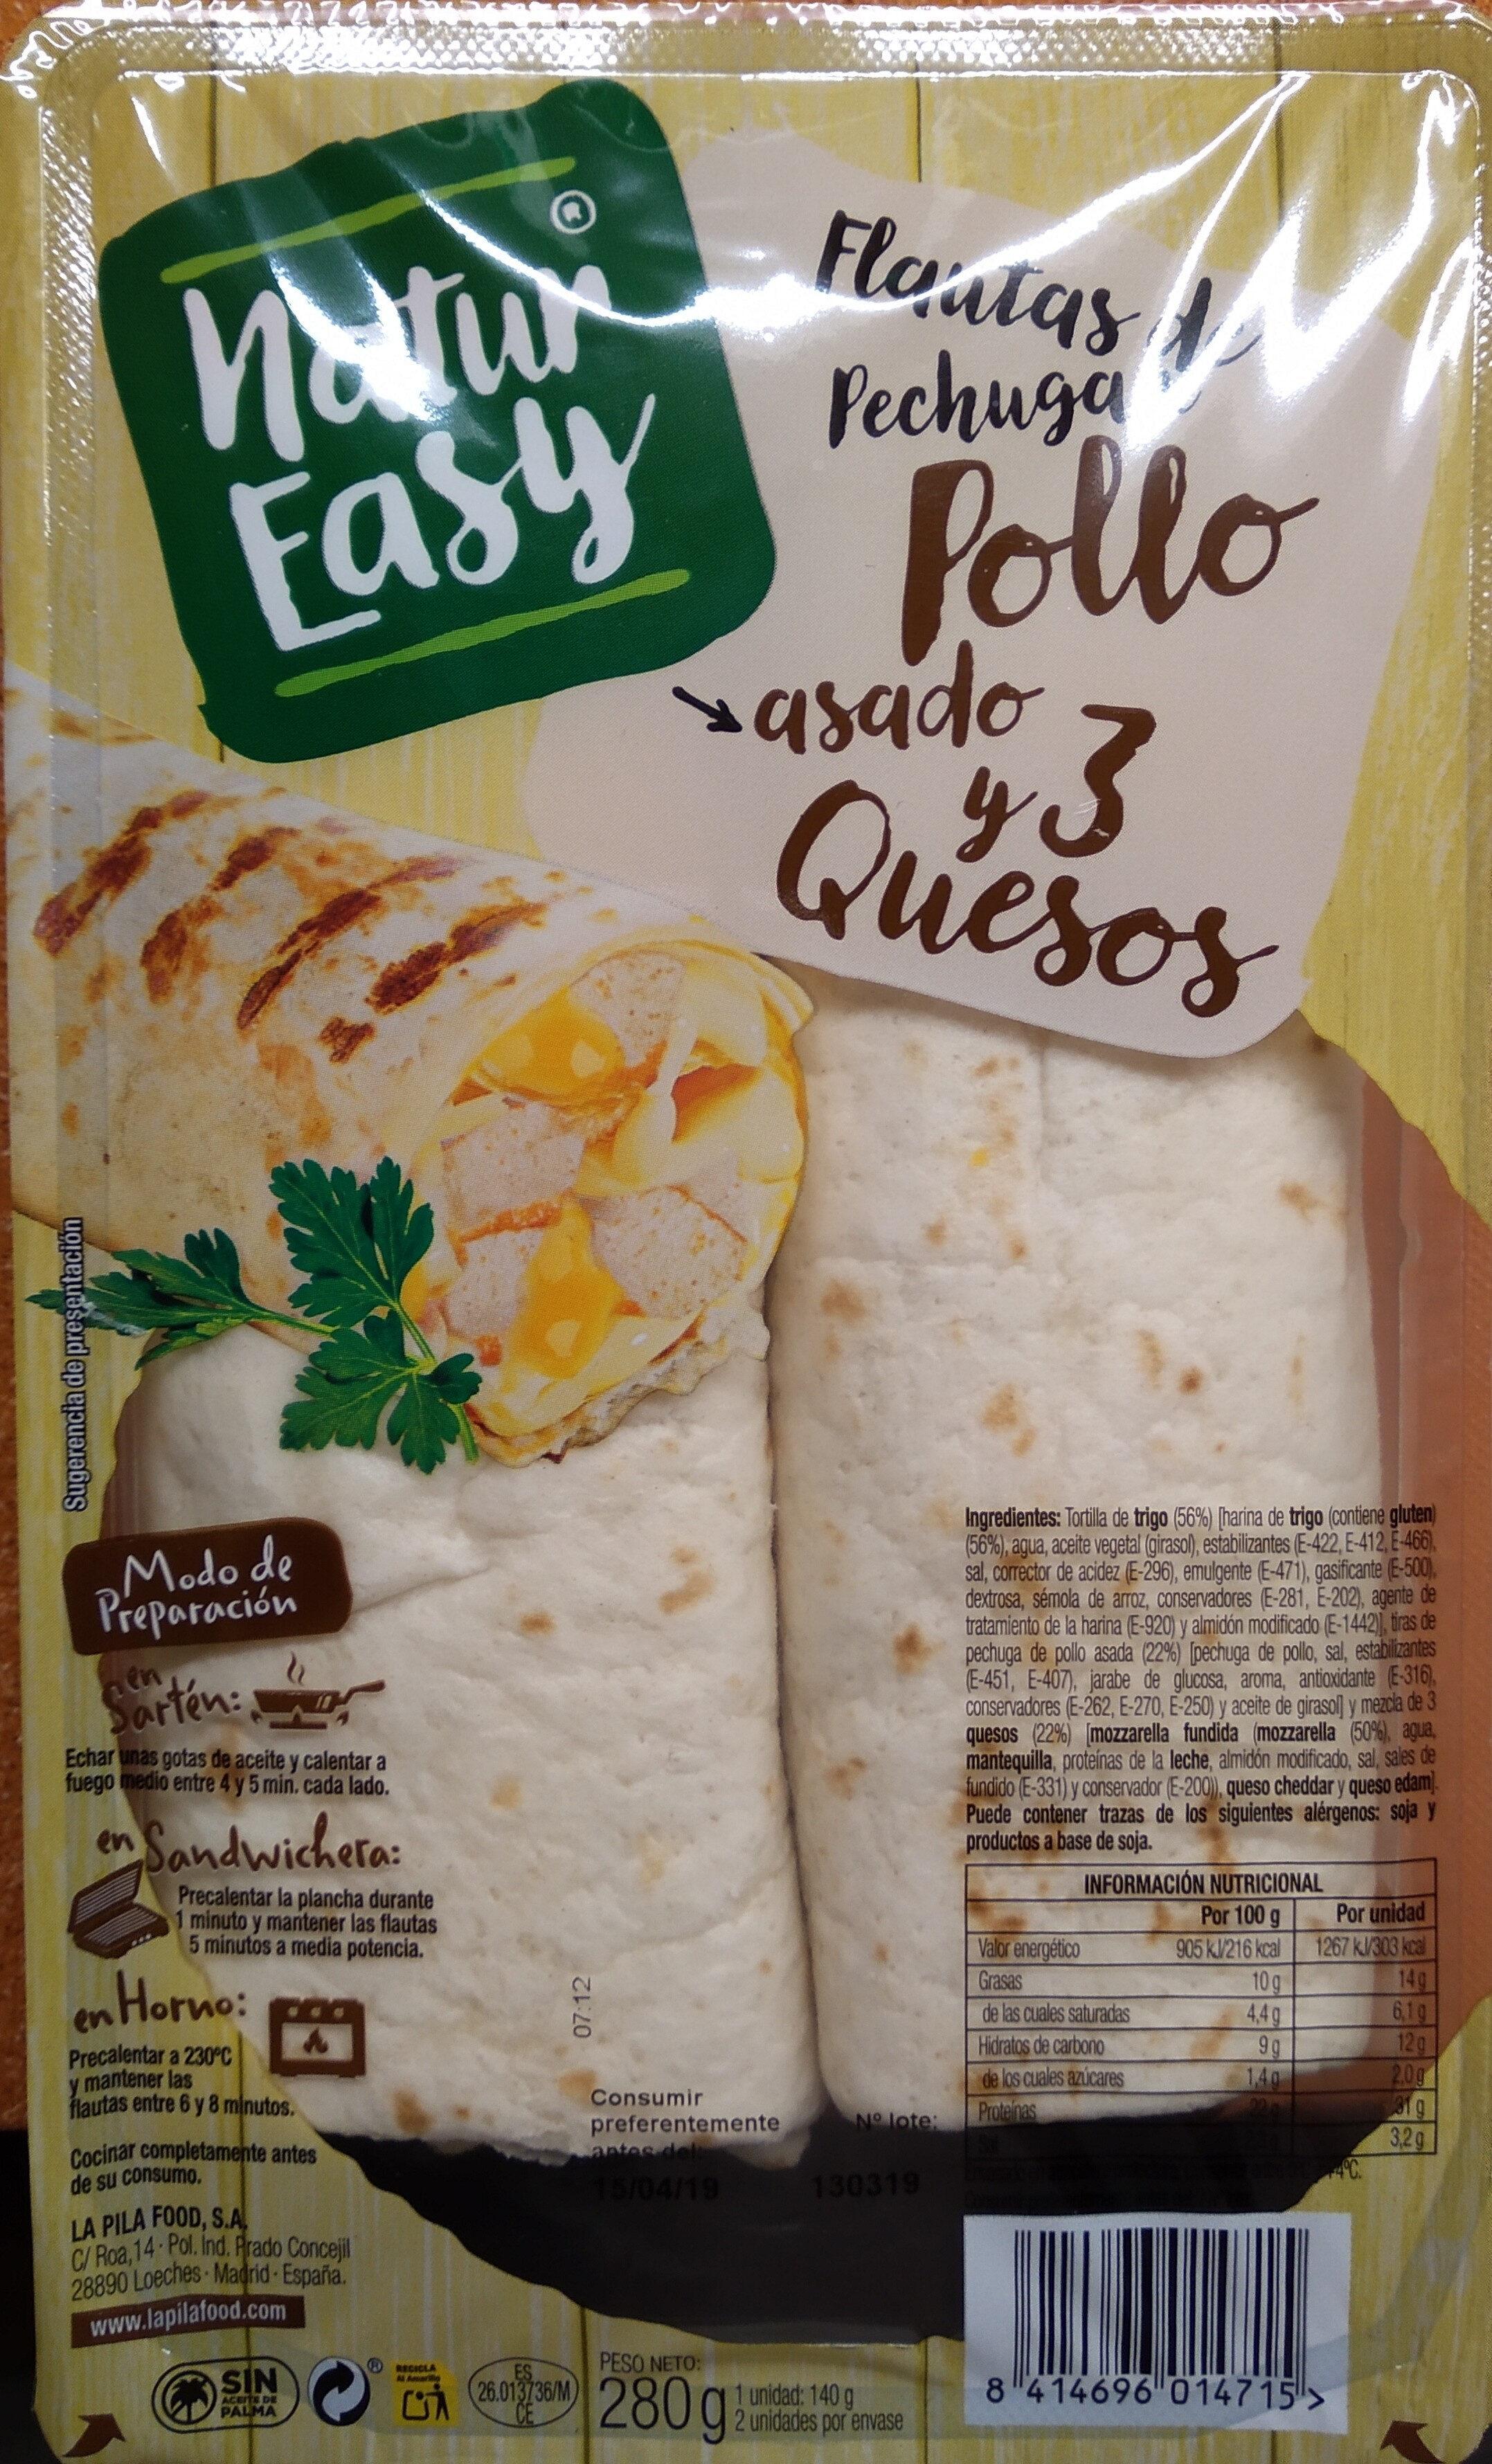 Flautas de pechuga de pollo asado y 3 quesos - Producto